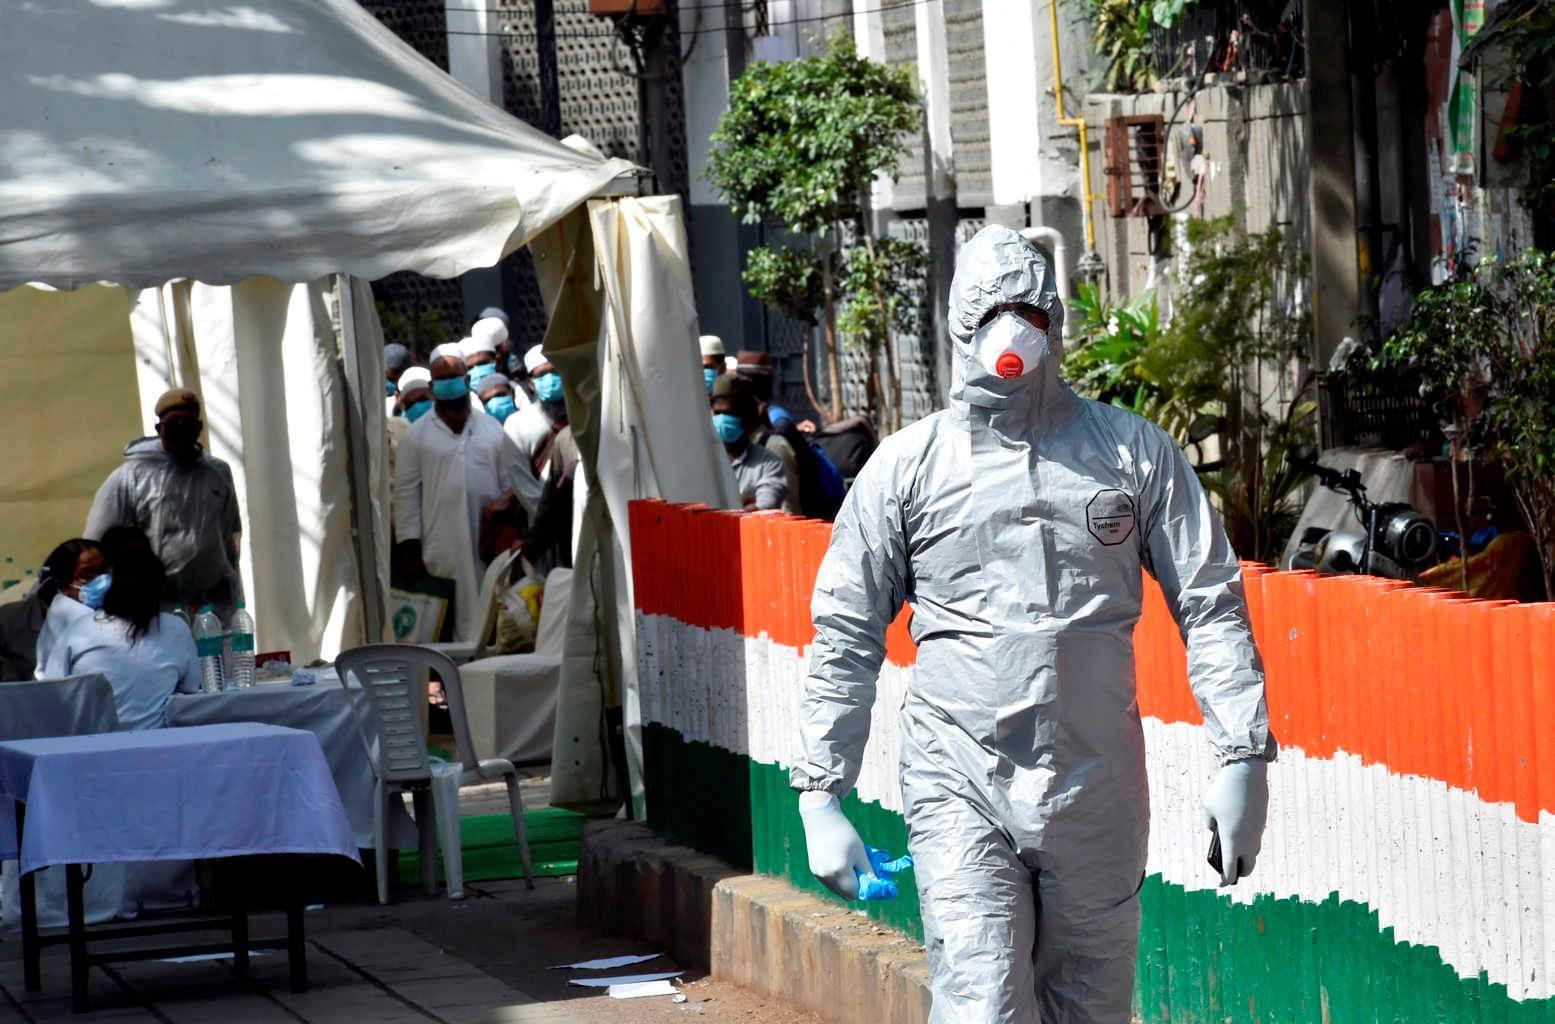 الهند تسجل أكثر من 43 ألف إصابة جديدة بفيروس كورونا و492 وفاة خلال 24 ساعة